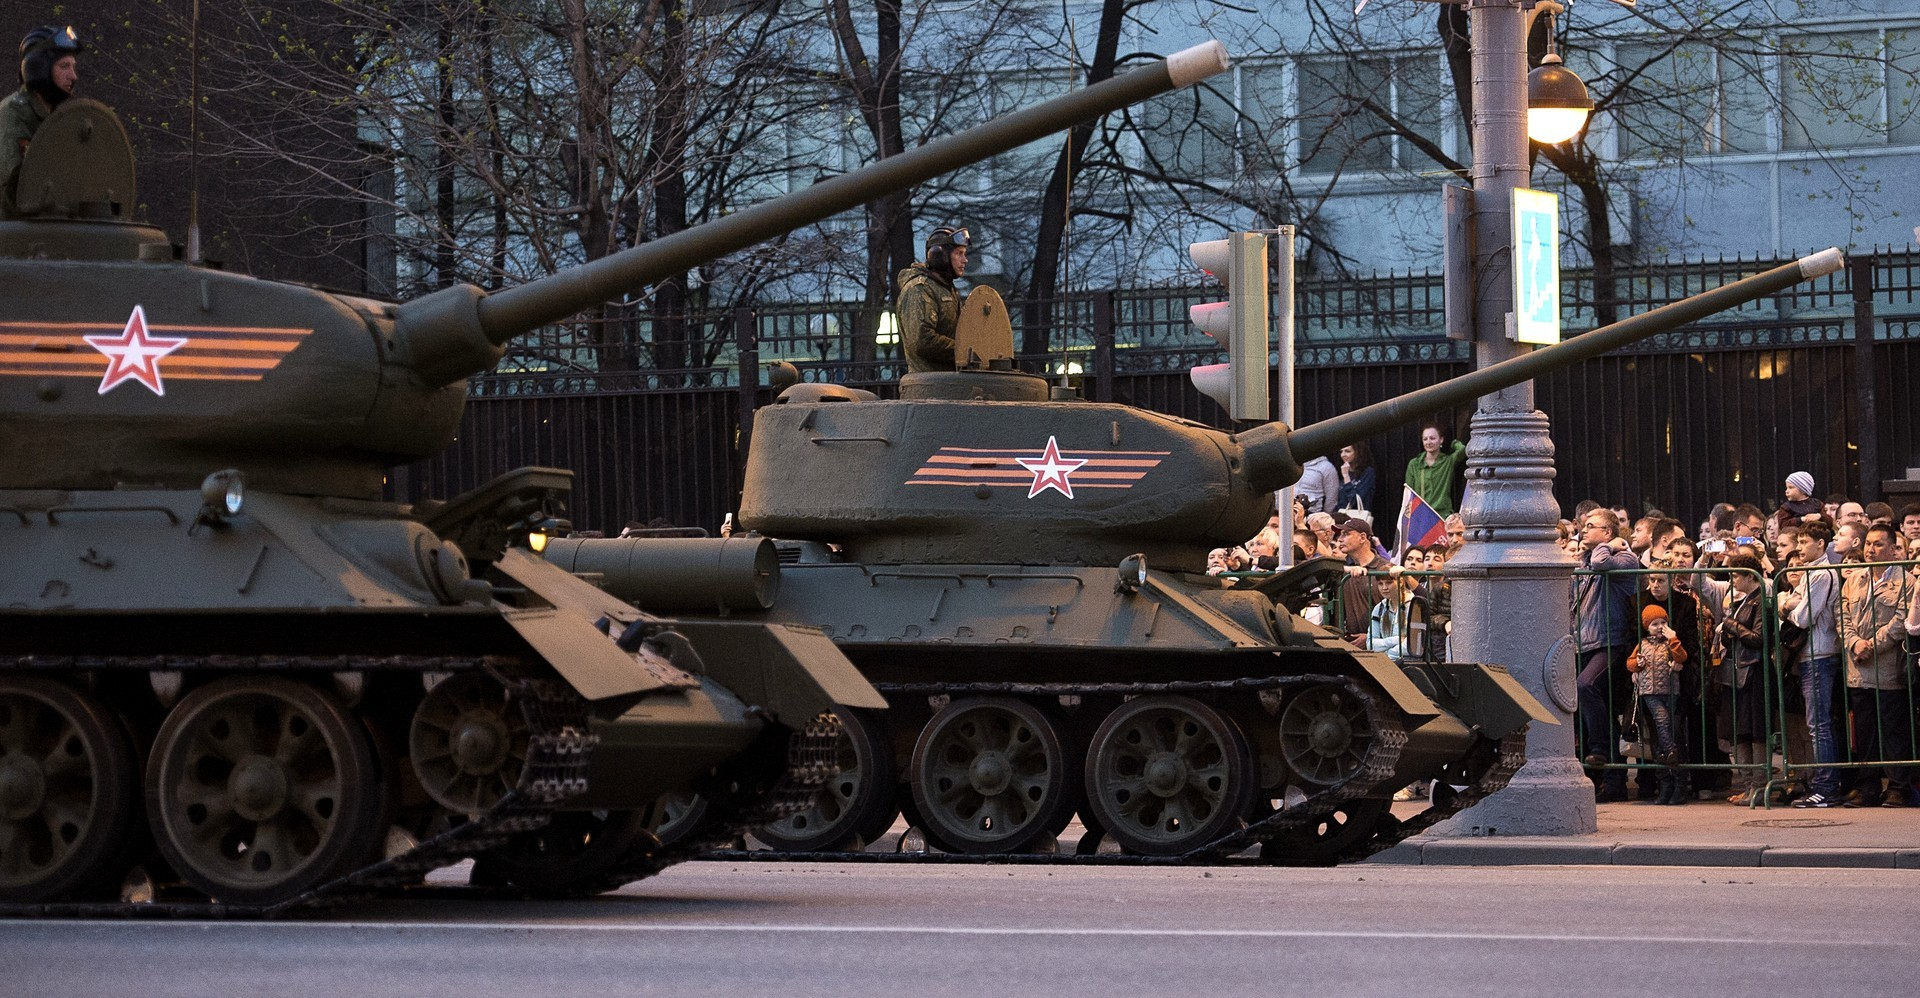 Les chars T-34 de l'époque de la Seconde guerre mondiale pendant la répétition du défilé militaire